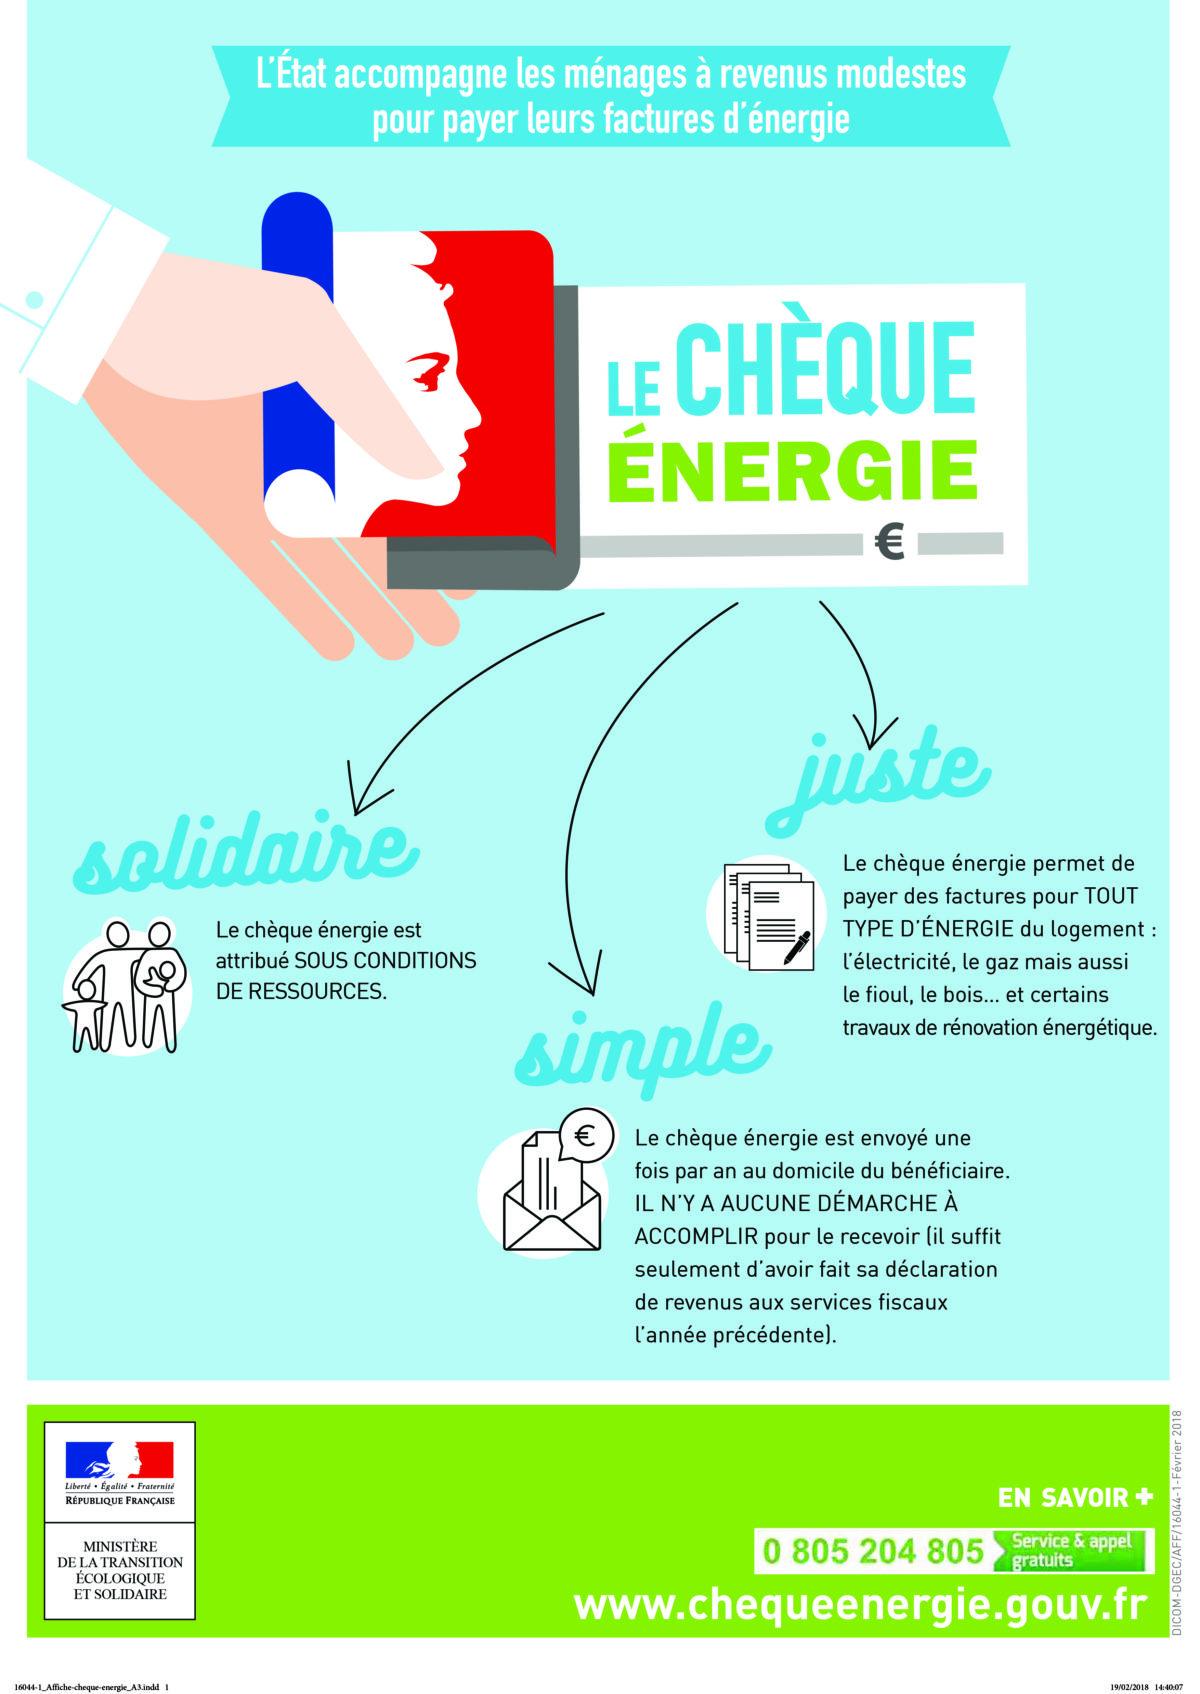 LANCEMENT DE LA CAMPAGNE D'ENVOI DU CHÈQUE ÉNERGIE 2020